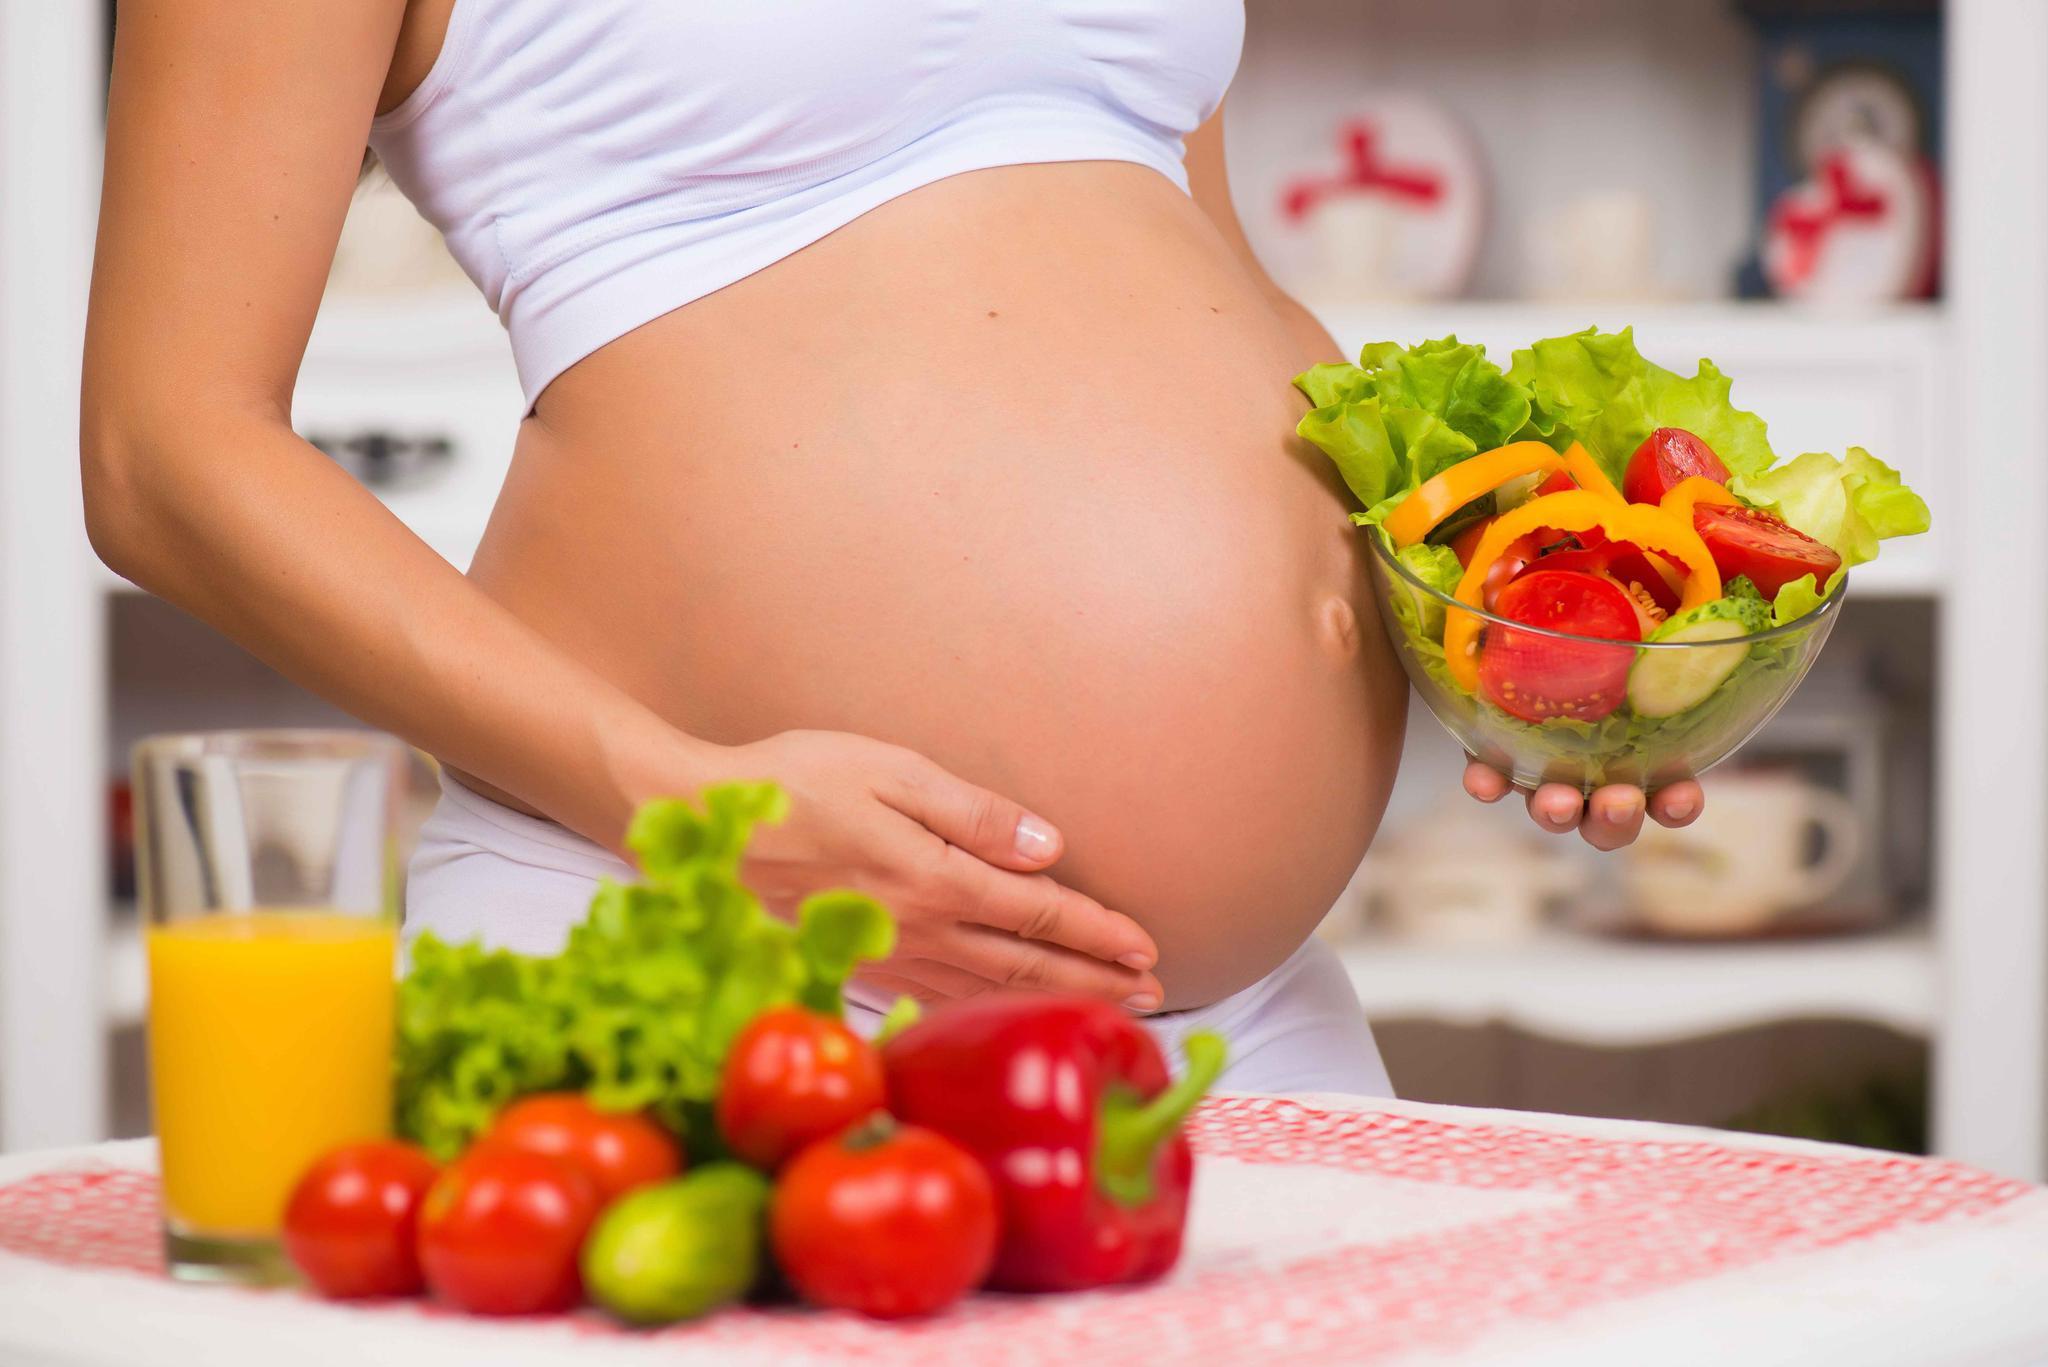 孕妇这四个行为,容易导致胎儿畸形,切记不可为!